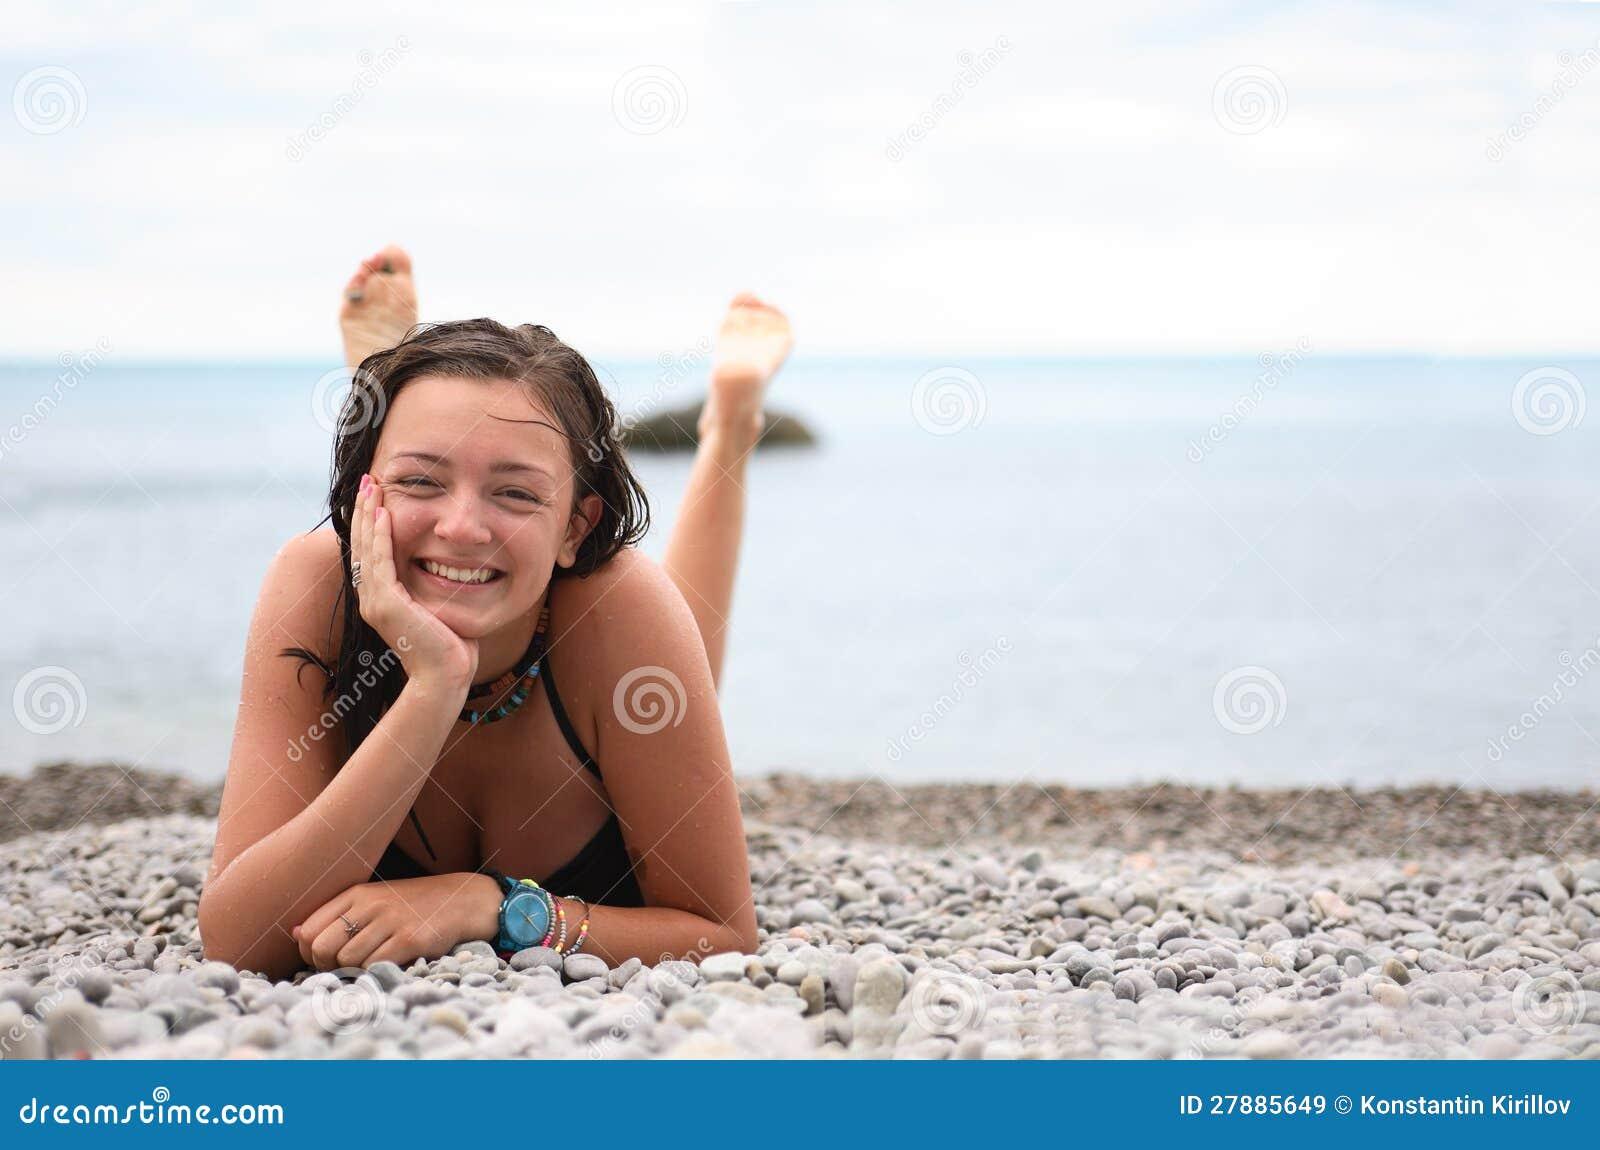 Тёлка на пляже фото 29 фотография